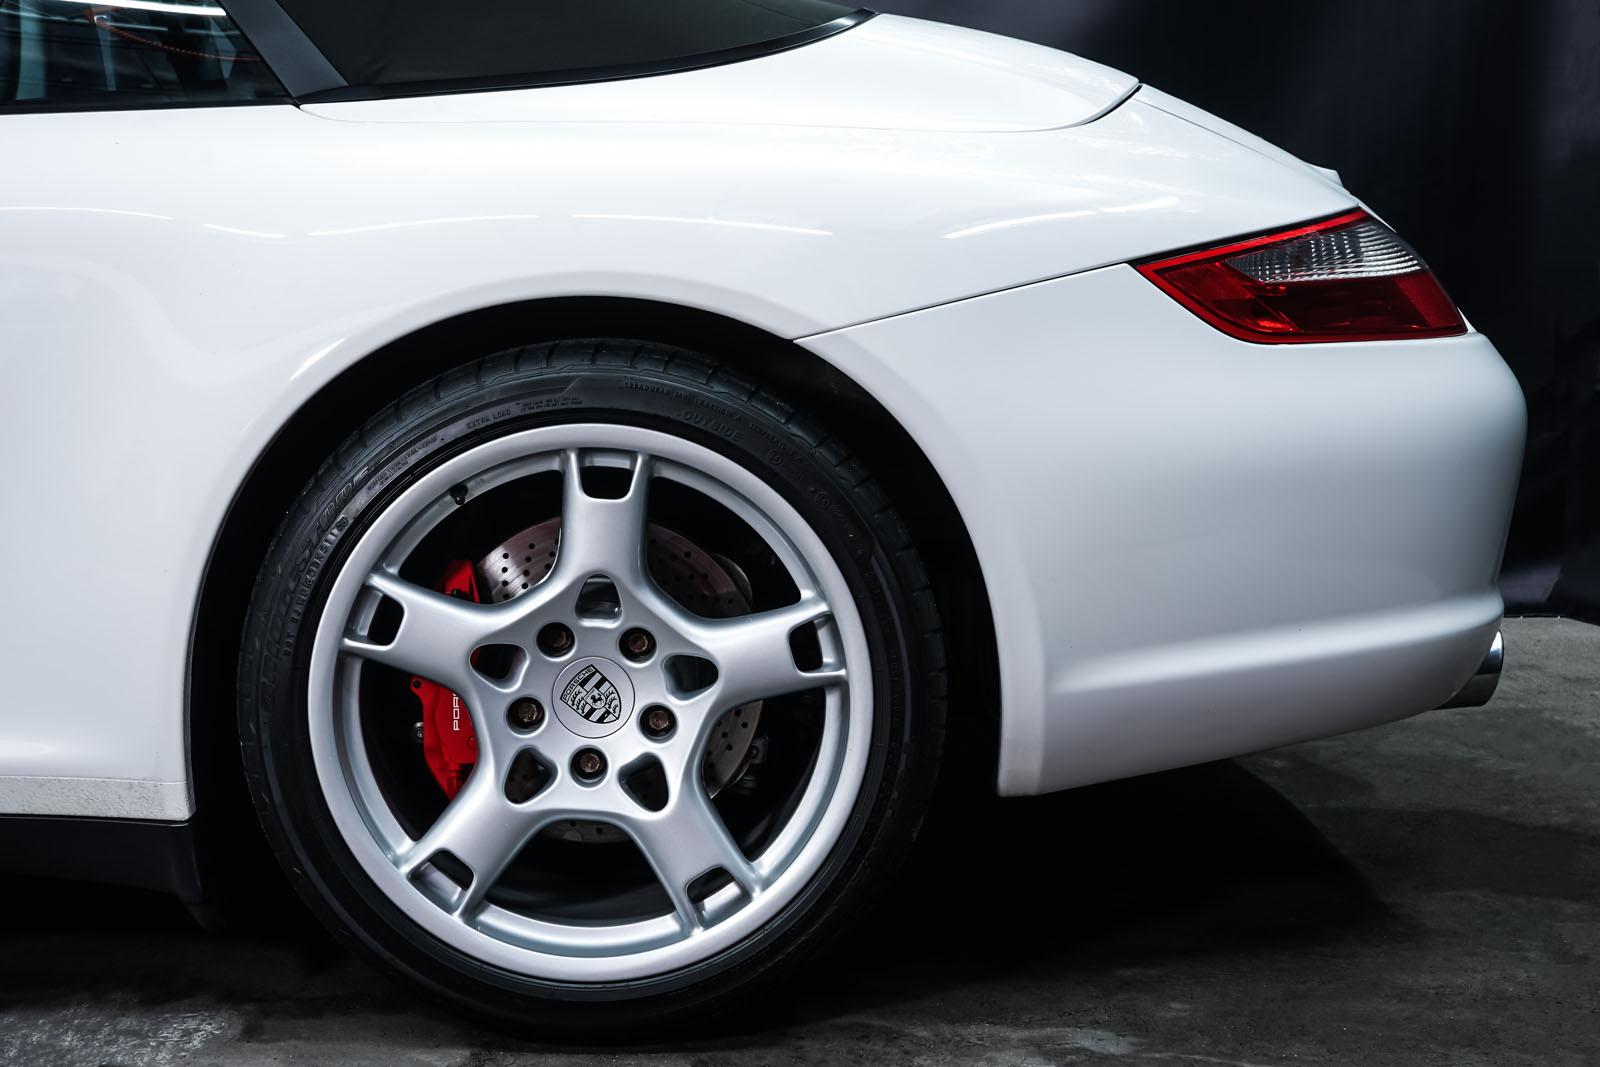 Porsche_997_C4S_Cabrio_Weiß_Braun_POR-4557_4_w